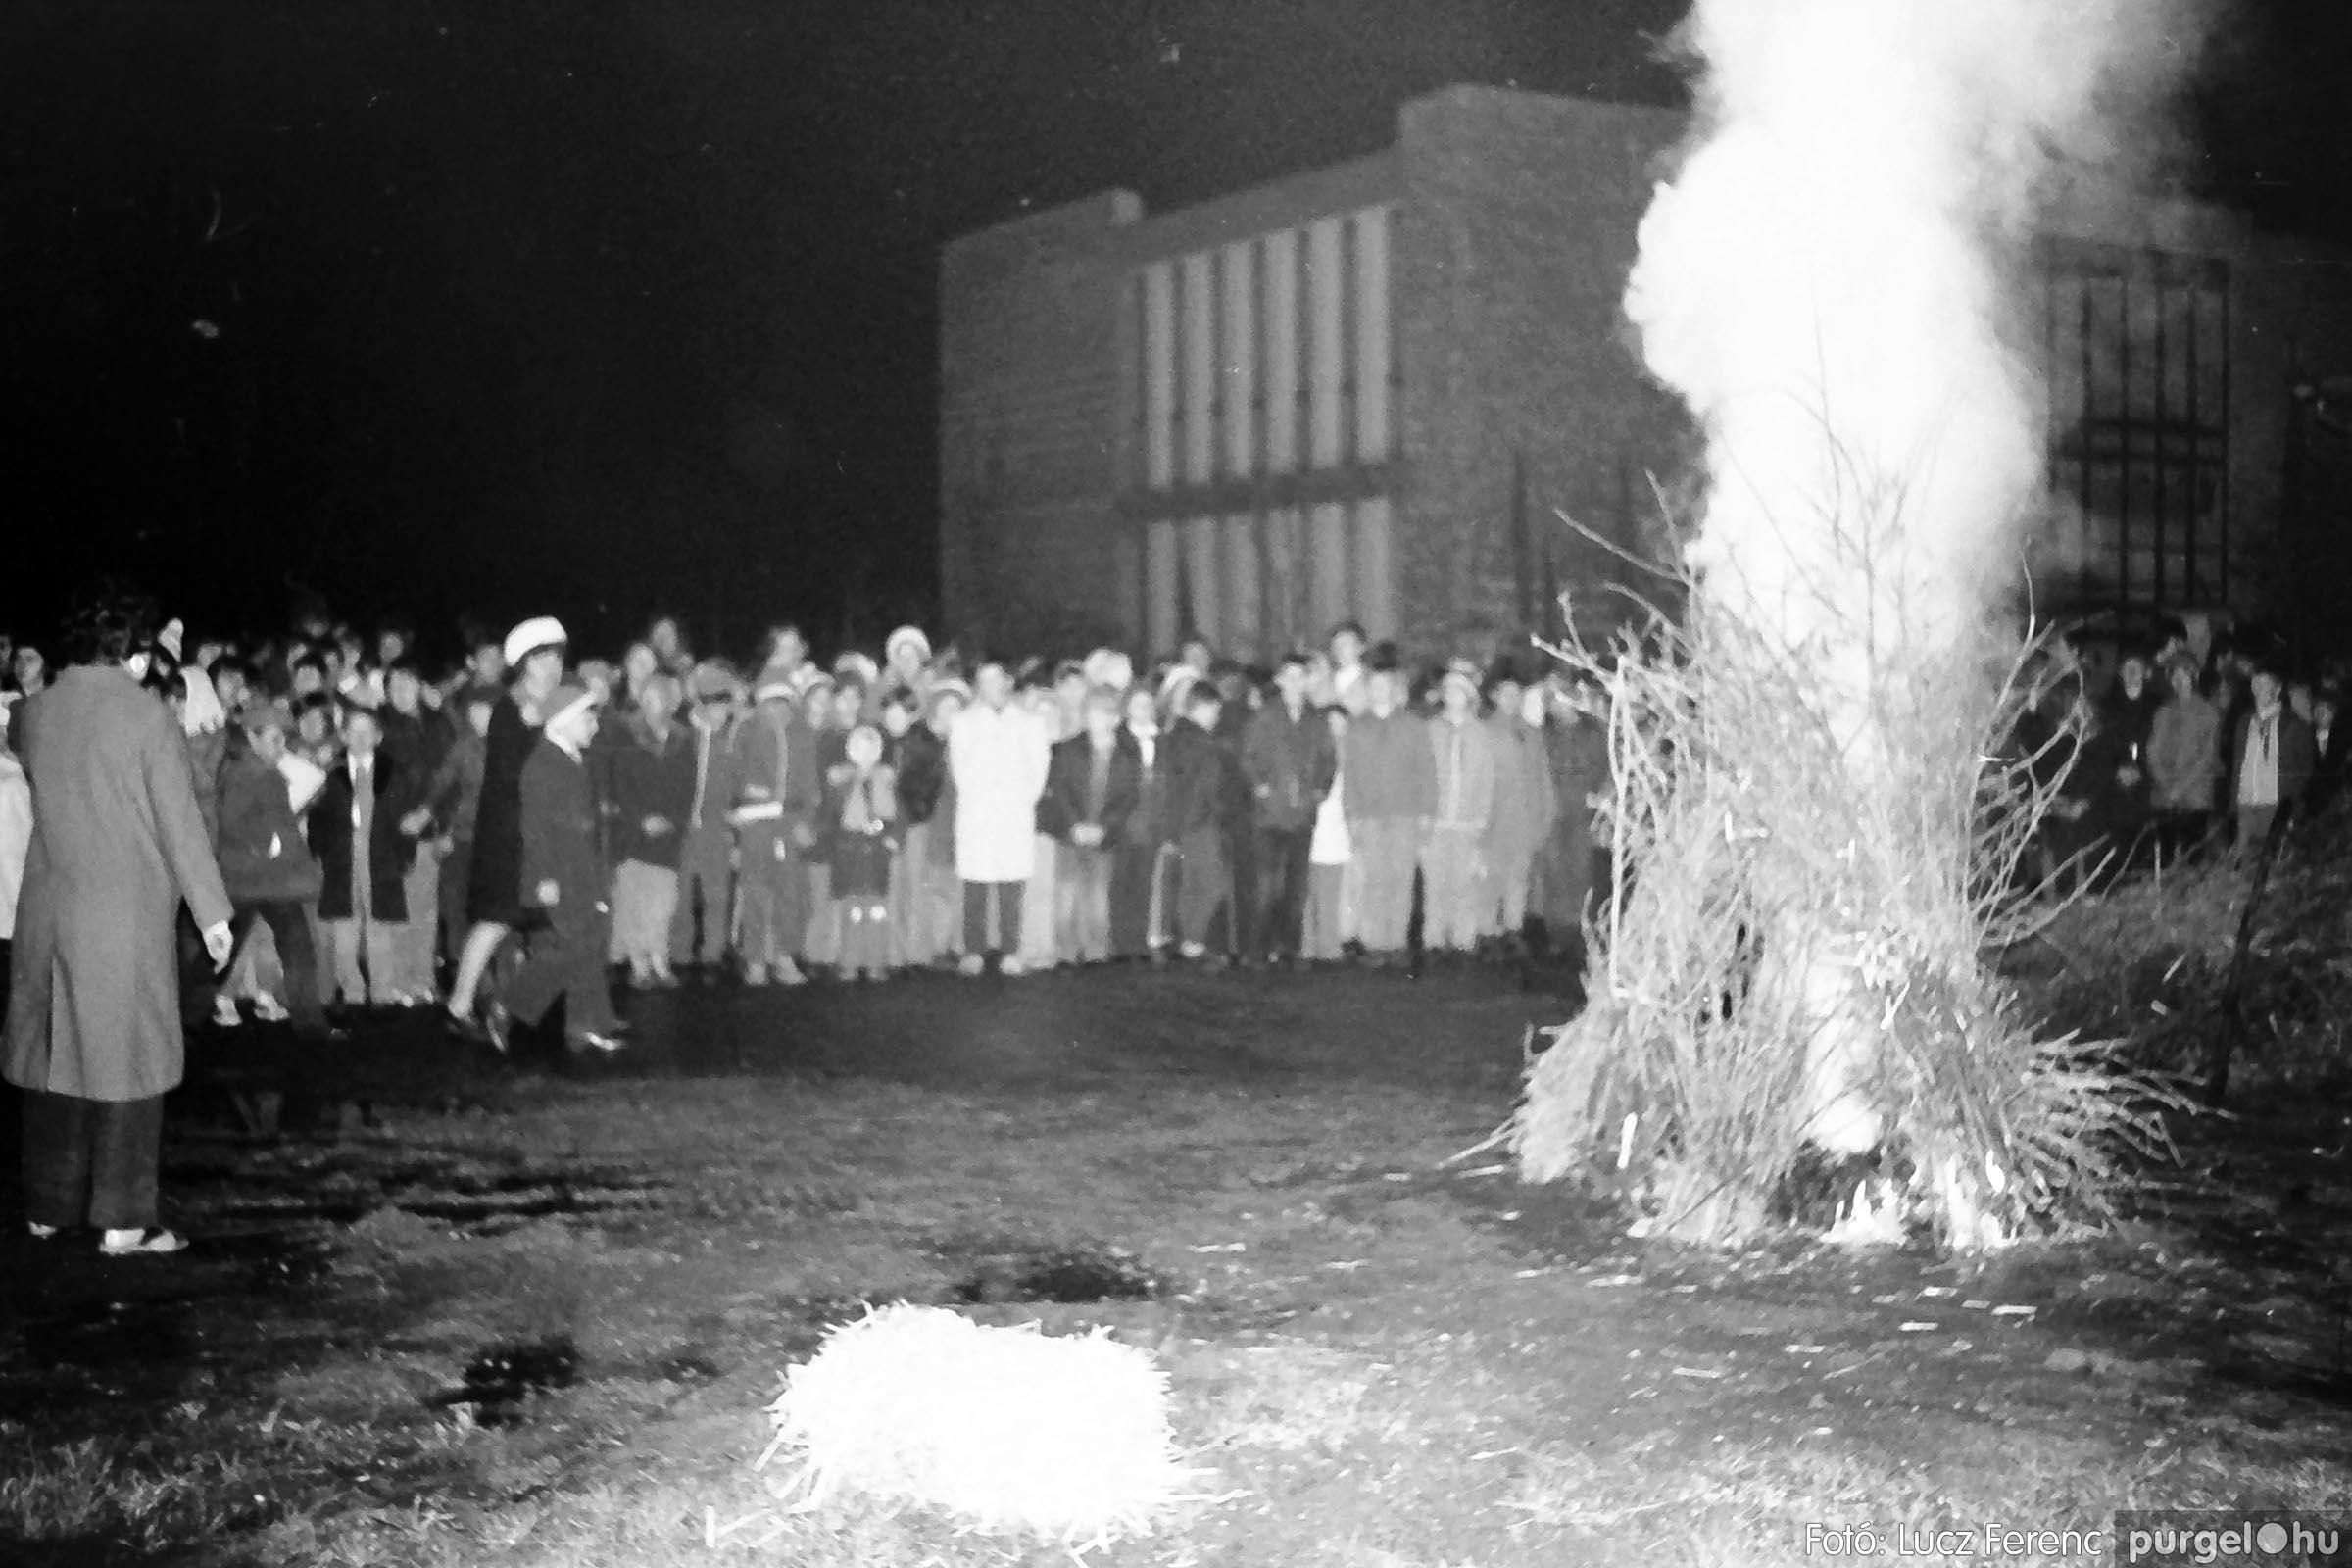 009 1975.04. Tűzgyújtás a kultúrház előtt 001 - Fotó: Lucz Ferenc IMG00183q.jpg